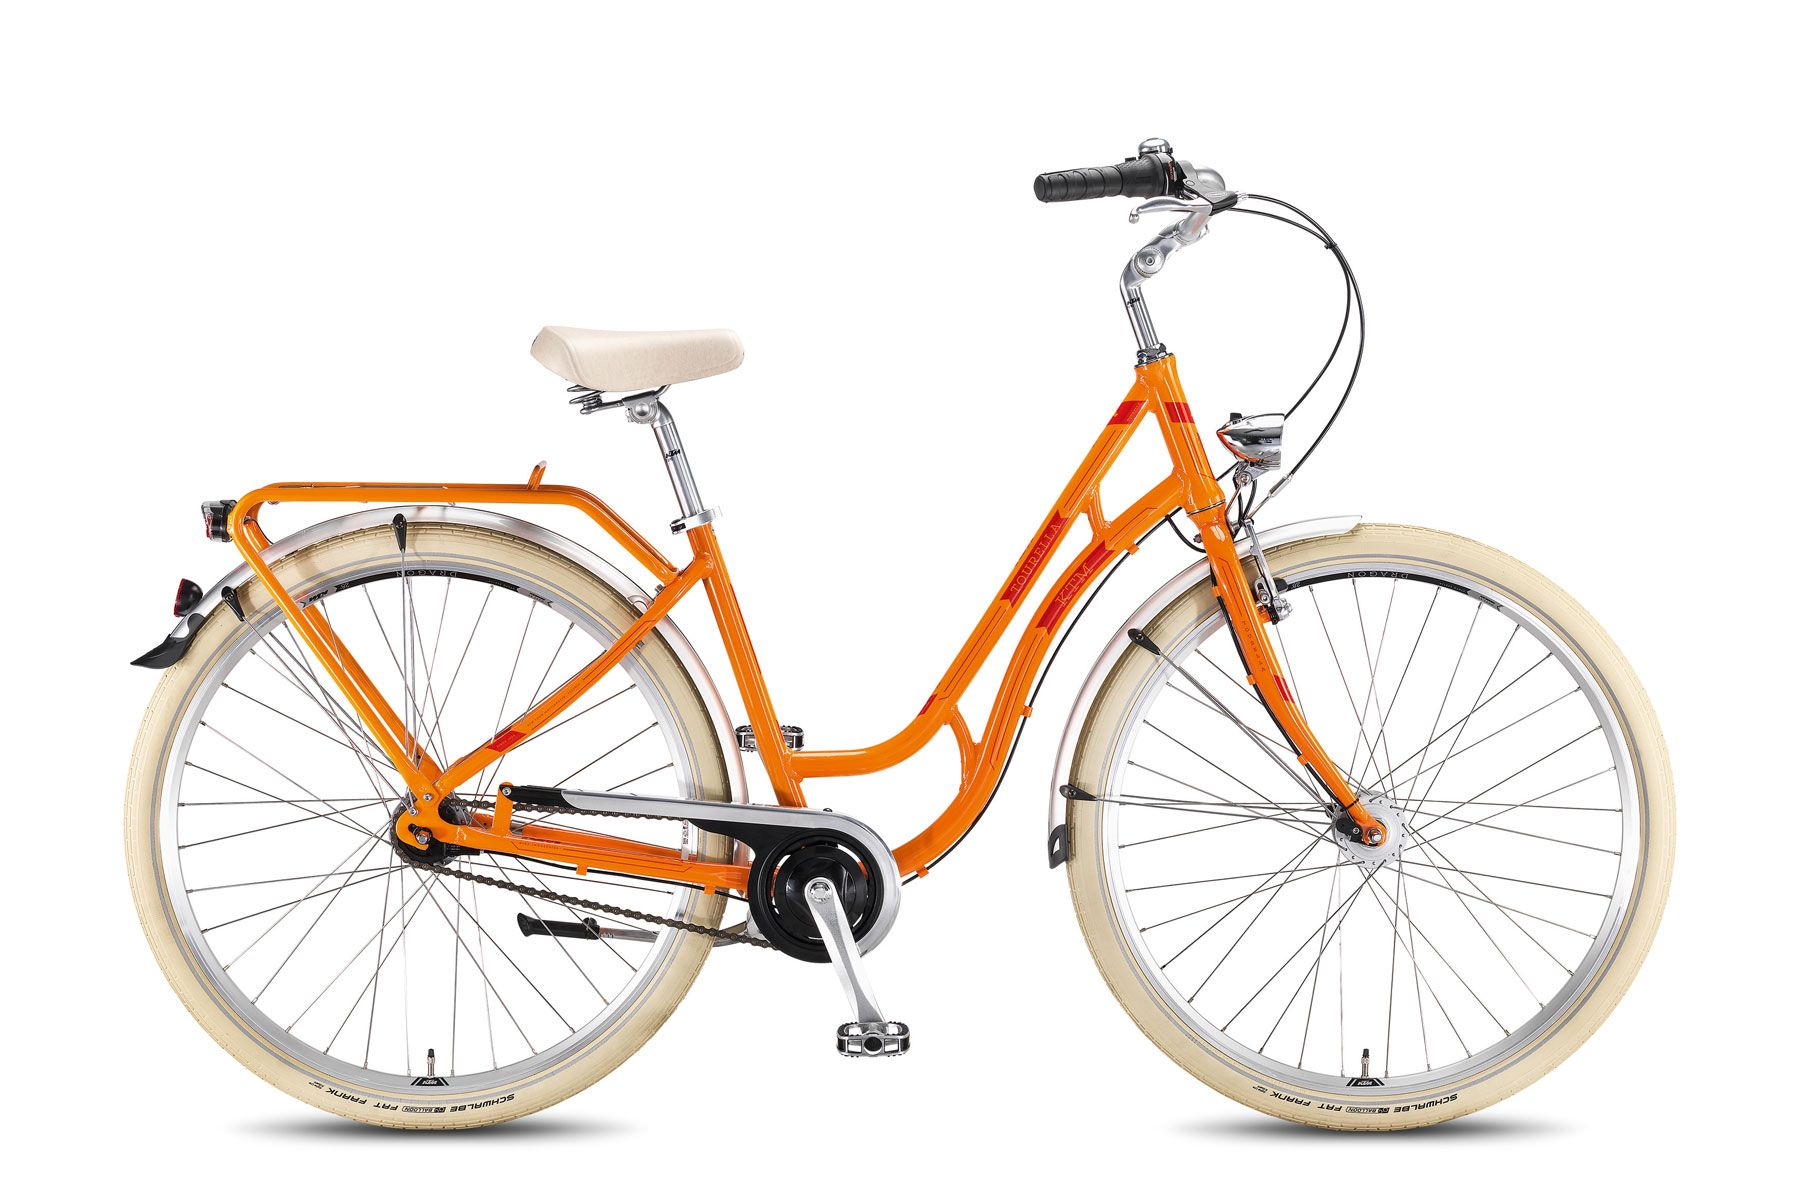 Велосипед KTMГородские<br>Стильный дизайн этого велосипеда оценят все любительницы активного образа жизни. Специальная геометрия алюминиевой рамы подходит для комфортных поездок в юбке, а удобное сиденье избавит от усталости даже при длительных велопрогулках. Главная особенность велосипеда - полностью закрытая и расположенная внутри втулки система переключения передач, которая практически не требует обслуживания и легко переключается. Также он оборудован прочным багажником для перевозки вещей.<br><br>year: 2016<br>цвет: белый<br>пол: женский<br>тип тормозов: ножной<br>диаметр колеса: 28<br>тип рамы: хардтейл<br>уровень оборудования: любительский<br>материал рамы: алюминий<br>тип амортизированной вилки: жесткая<br>длина хода вилки: нет<br>тип заднего амортизатора: без амортизатора<br>количество скоростей: 7<br>блокировка амортизатора: нет<br>планетарная втулка: да<br>рулевая колонка: VP MH-308E<br>вынос: KTM Line, AL-KT3<br>руль: KTM Line, Humpert, сталь, ширина 630 мм<br>грипсы: KTM Line, VLG-709 ergo<br>передний тормоз: Tektro 855<br>задний тормоз: Ножной<br>система: Prowheel PRA-115, 38T<br>защита звёзд/цепи: Horn Catena 09 /38T<br>педали: VP-615, Al8-Trekking<br>ободья: KTM Line 700C<br>передняя втулка: Shimano DH-3N31, Dynamohub<br>задняя втулка: Nexus -7, RT SG7C25<br>передняя покрышка: Schwalbe Fat Frank, 50-622<br>задняя покрышка: Schwalbe Fat Frank, 50-622<br>седло: Selle Royal Ondina<br>подседельный штырь: KTM Line, SP-612, 300/27.2 мм<br>кассета: Shimano Nexus, 19T<br>манетки: Shimano Nexus 7, SL-7S31<br>багажник: KTM Tourella, алюминиевый сплав<br>крылья: RPZ Trekking, 55 мм<br>вес: 16,8 кг<br>подножка: Massload<br>рама: Tourella, алюминиевый сплав<br>вилка: City T: Unicrown 700C<br>размер рамы: 20&amp;amp;quot;<br>Серия: Tourella